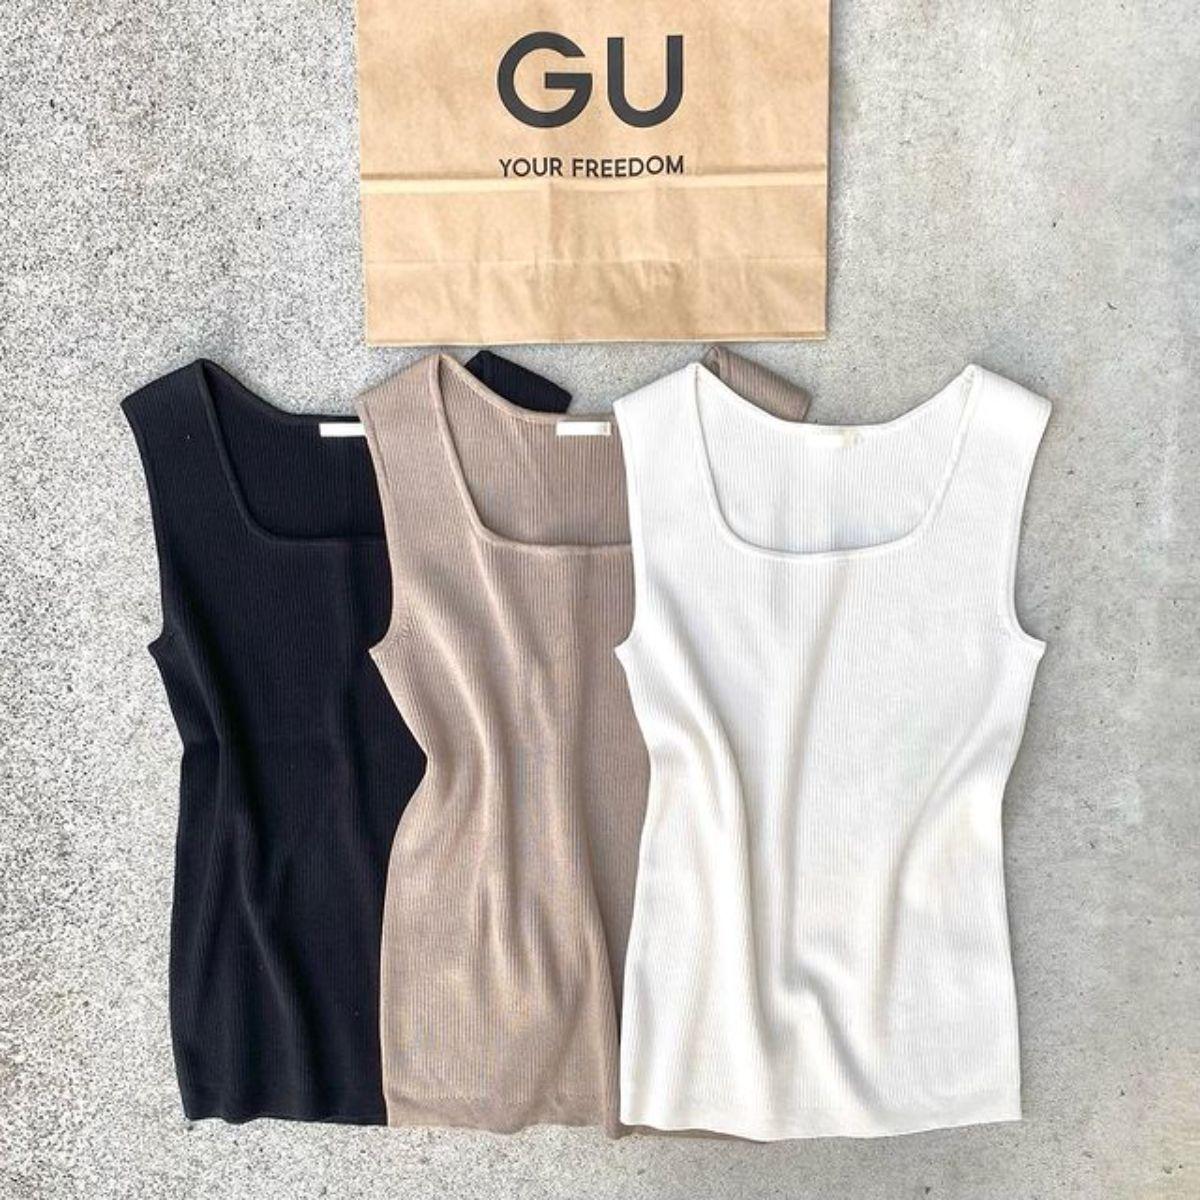 【GU】誰でもきれいに着こなせる「990円タンク」はゲット必至。体のラインがすっきりする美シルエットに注目